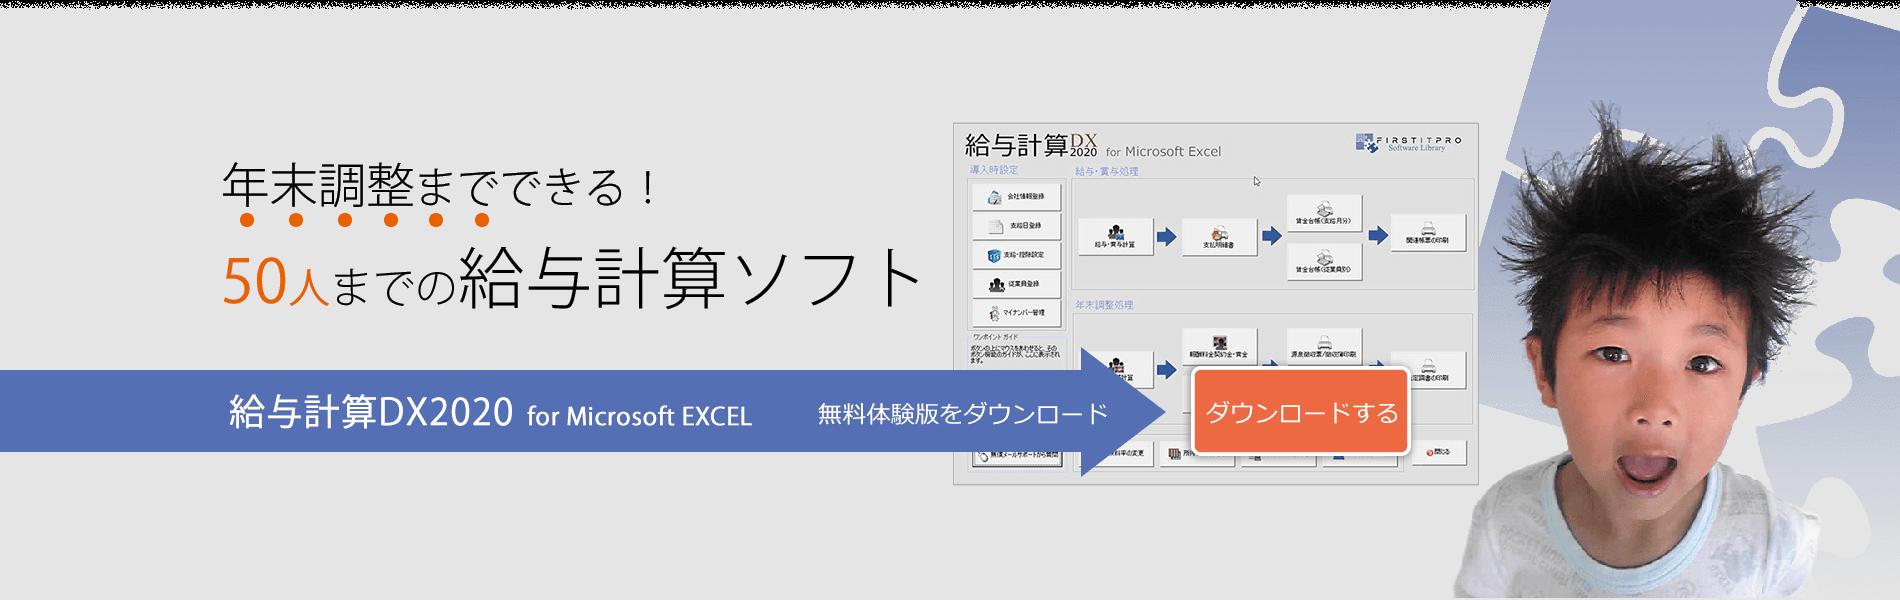 給与計算ソフト無料体験版ダウンロード